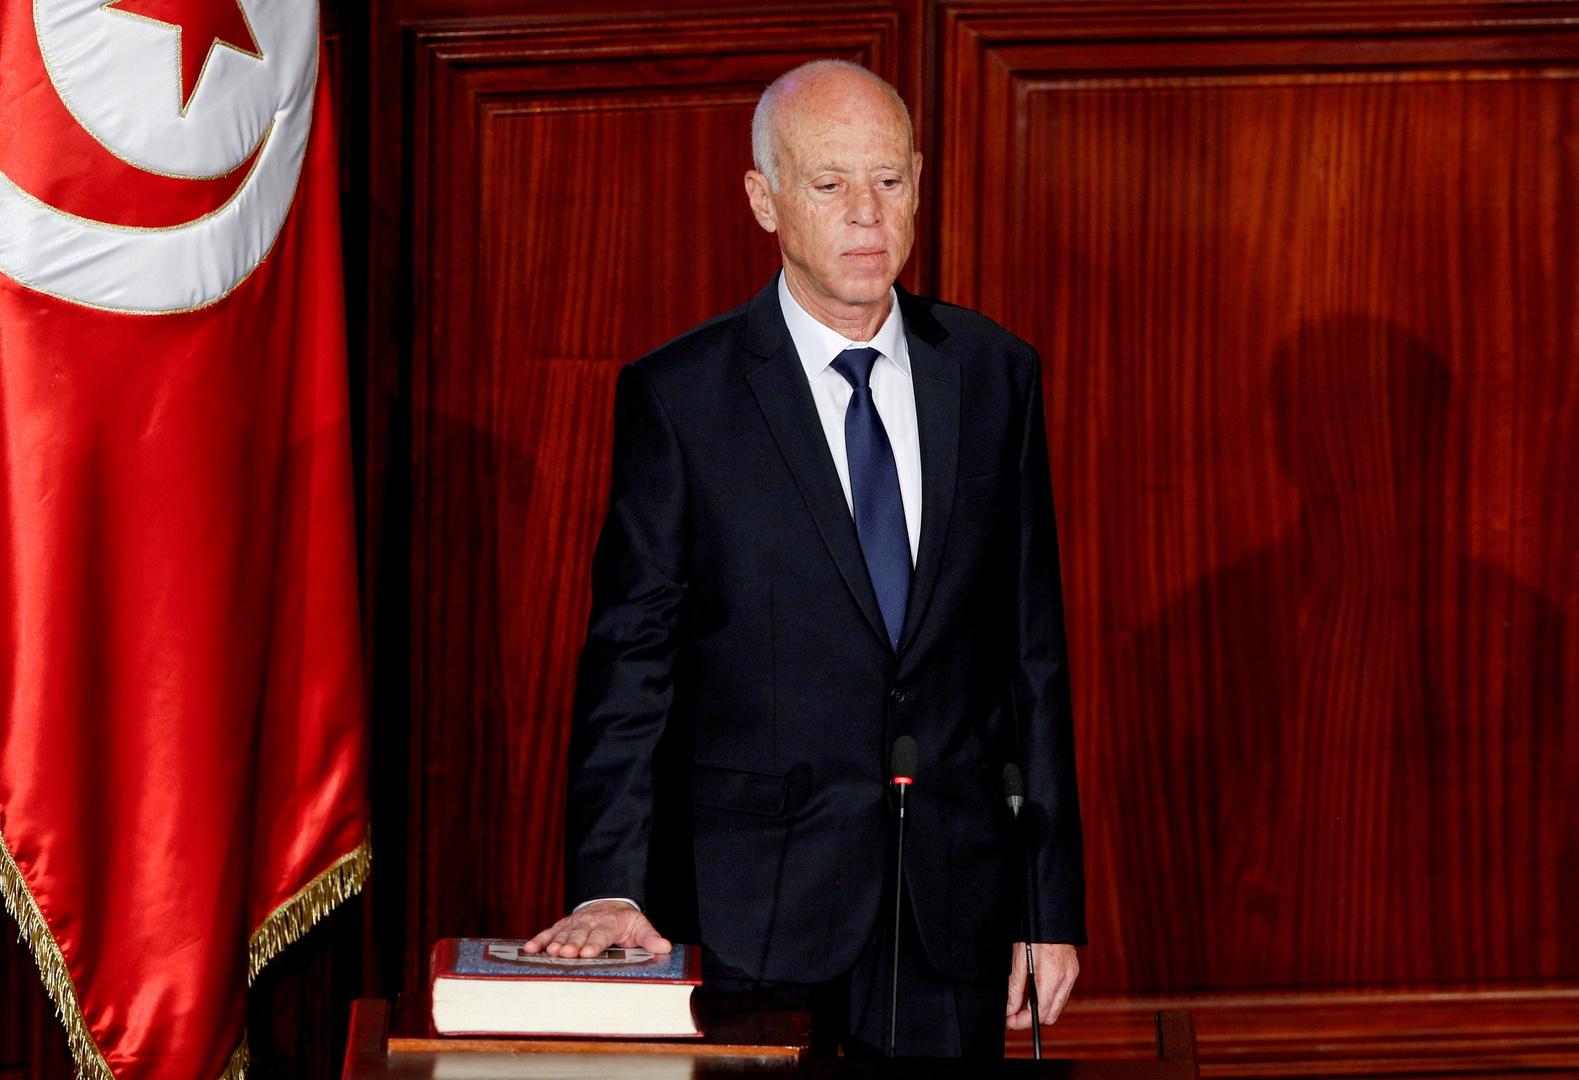 نائب تونسي في البرلمان المجمد: الرئيس سعيد سيقود البلاد إلى أوضاع أكثر تأزما